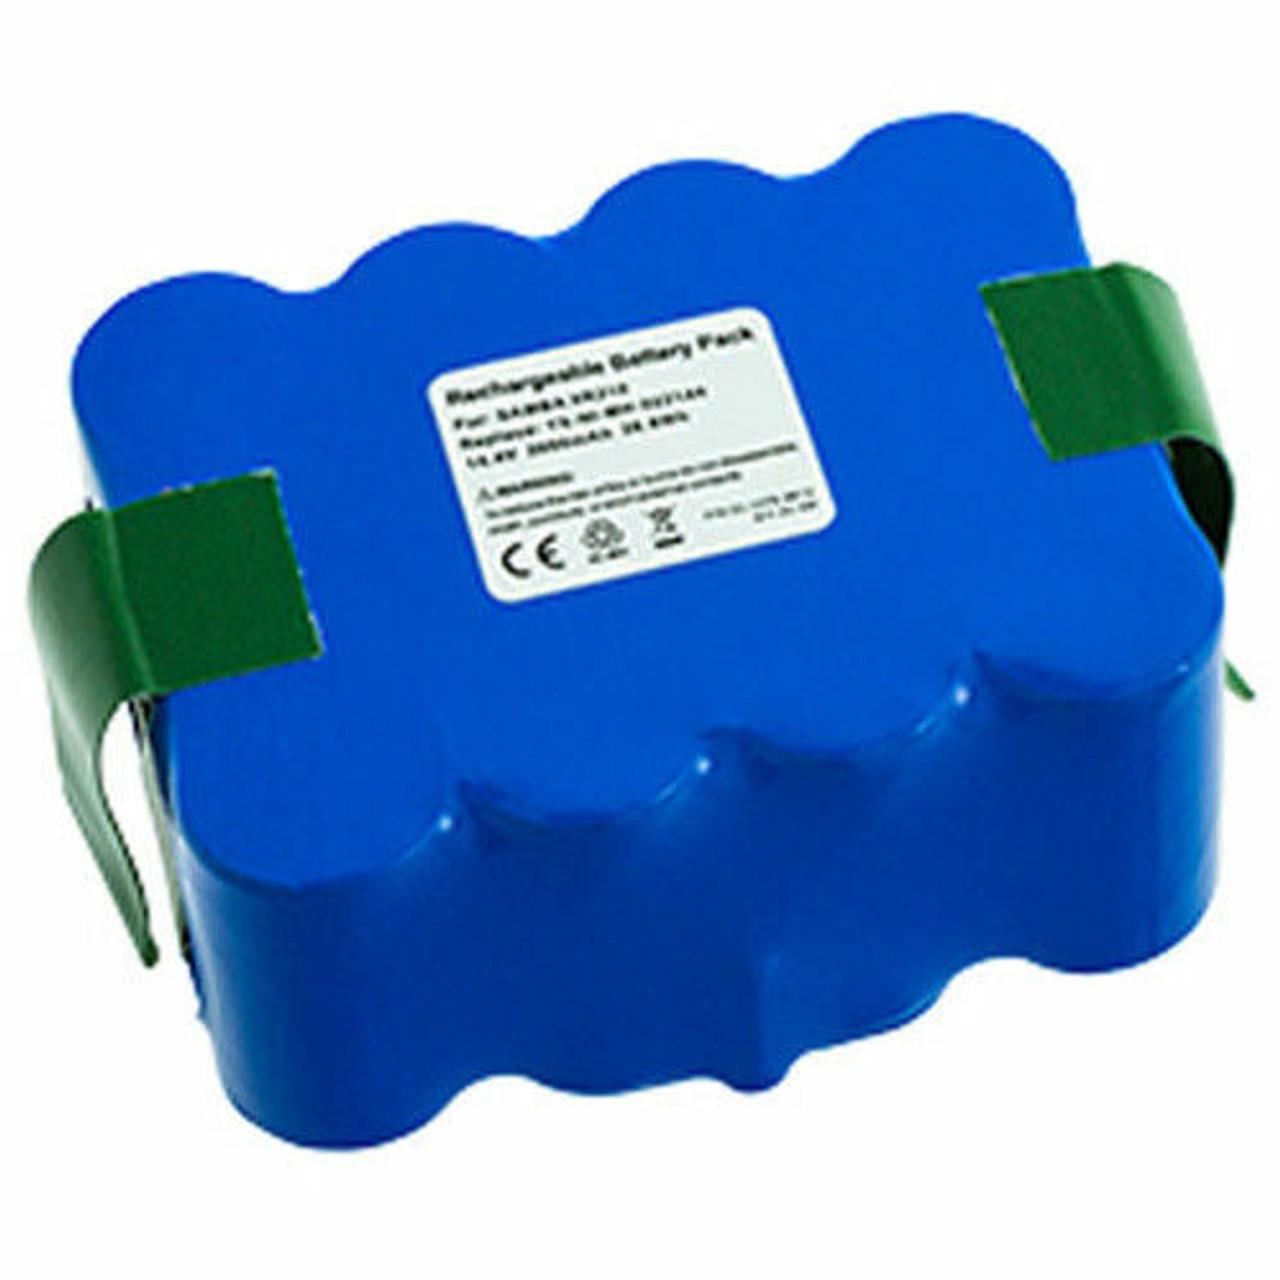 Reductor 250 en 100mm-wickelfalzrohr reducción Calculator reducción